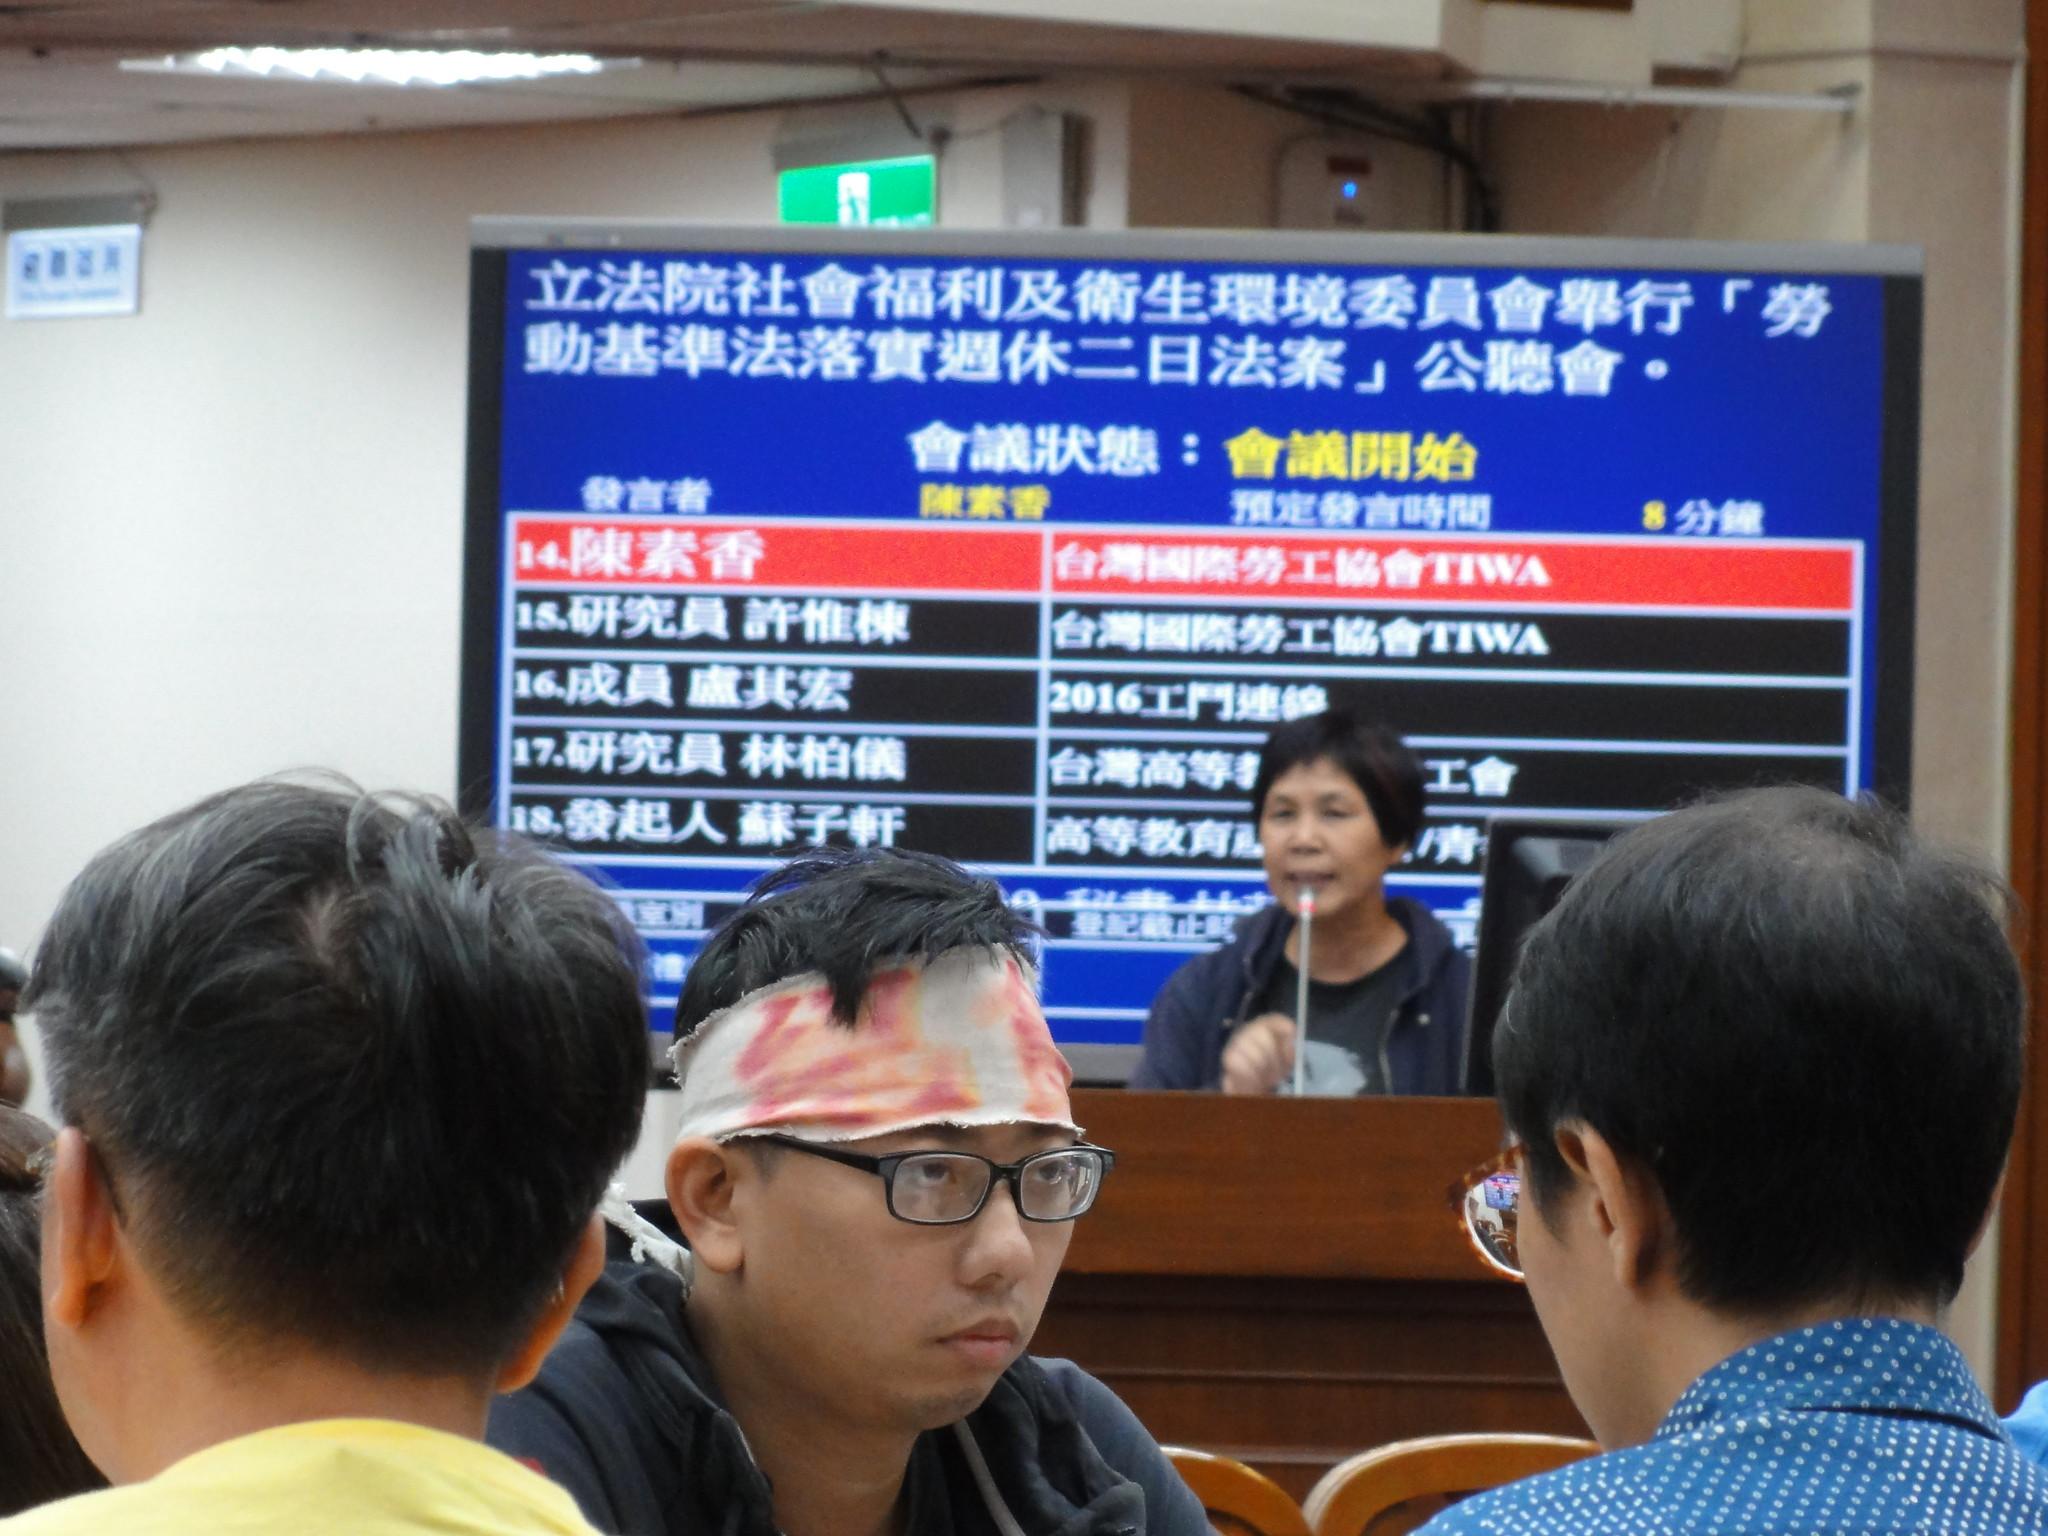 目前絕食最久的勞工代表許惟棟,已絕食超過285小時。(攝影:張智琦)